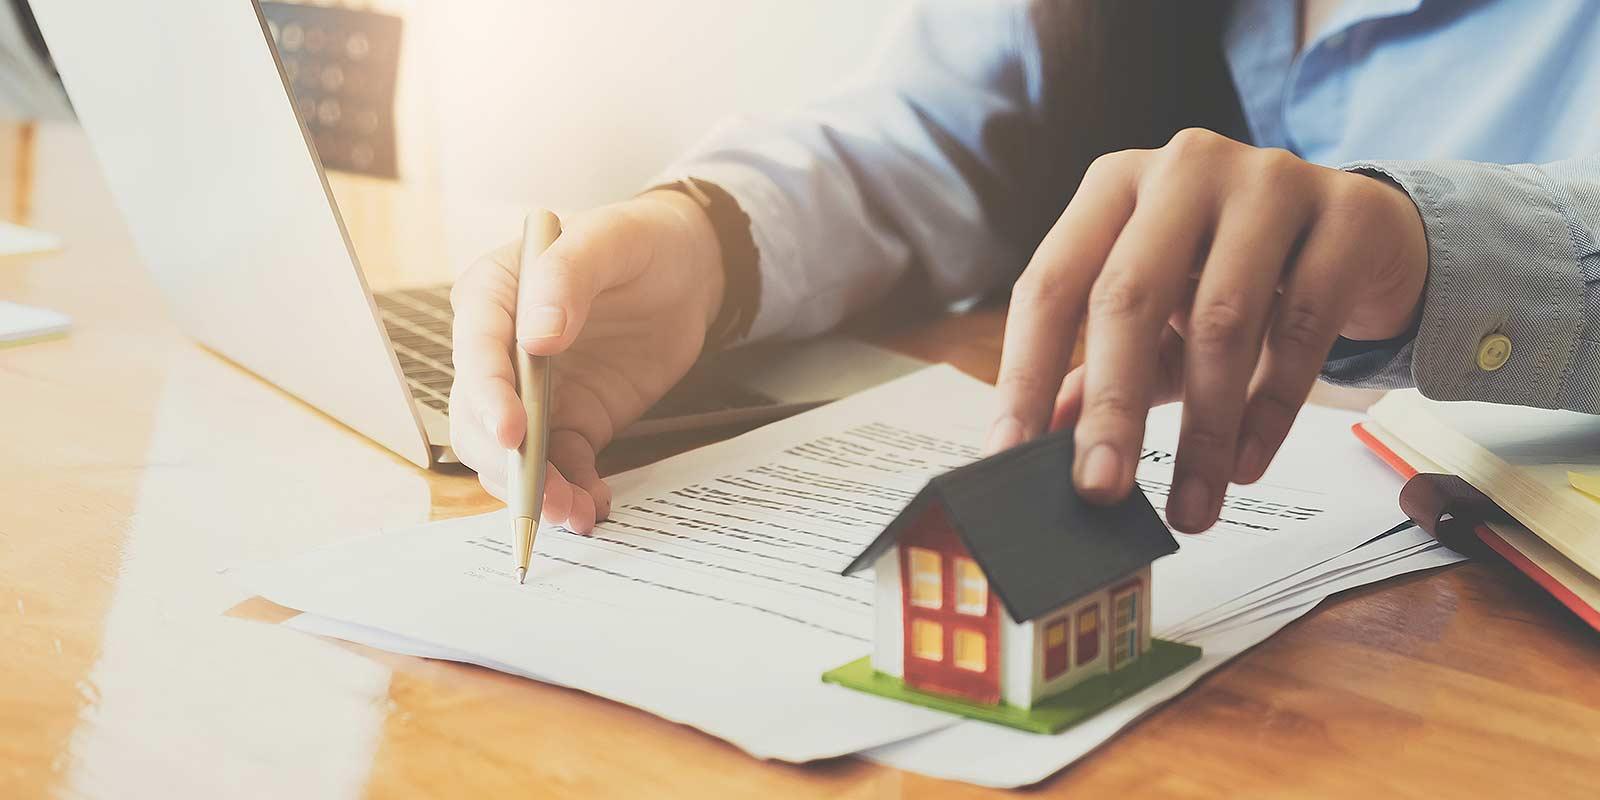 Assurance : pourquoi assurer le logement, la santé et l'automobile ?